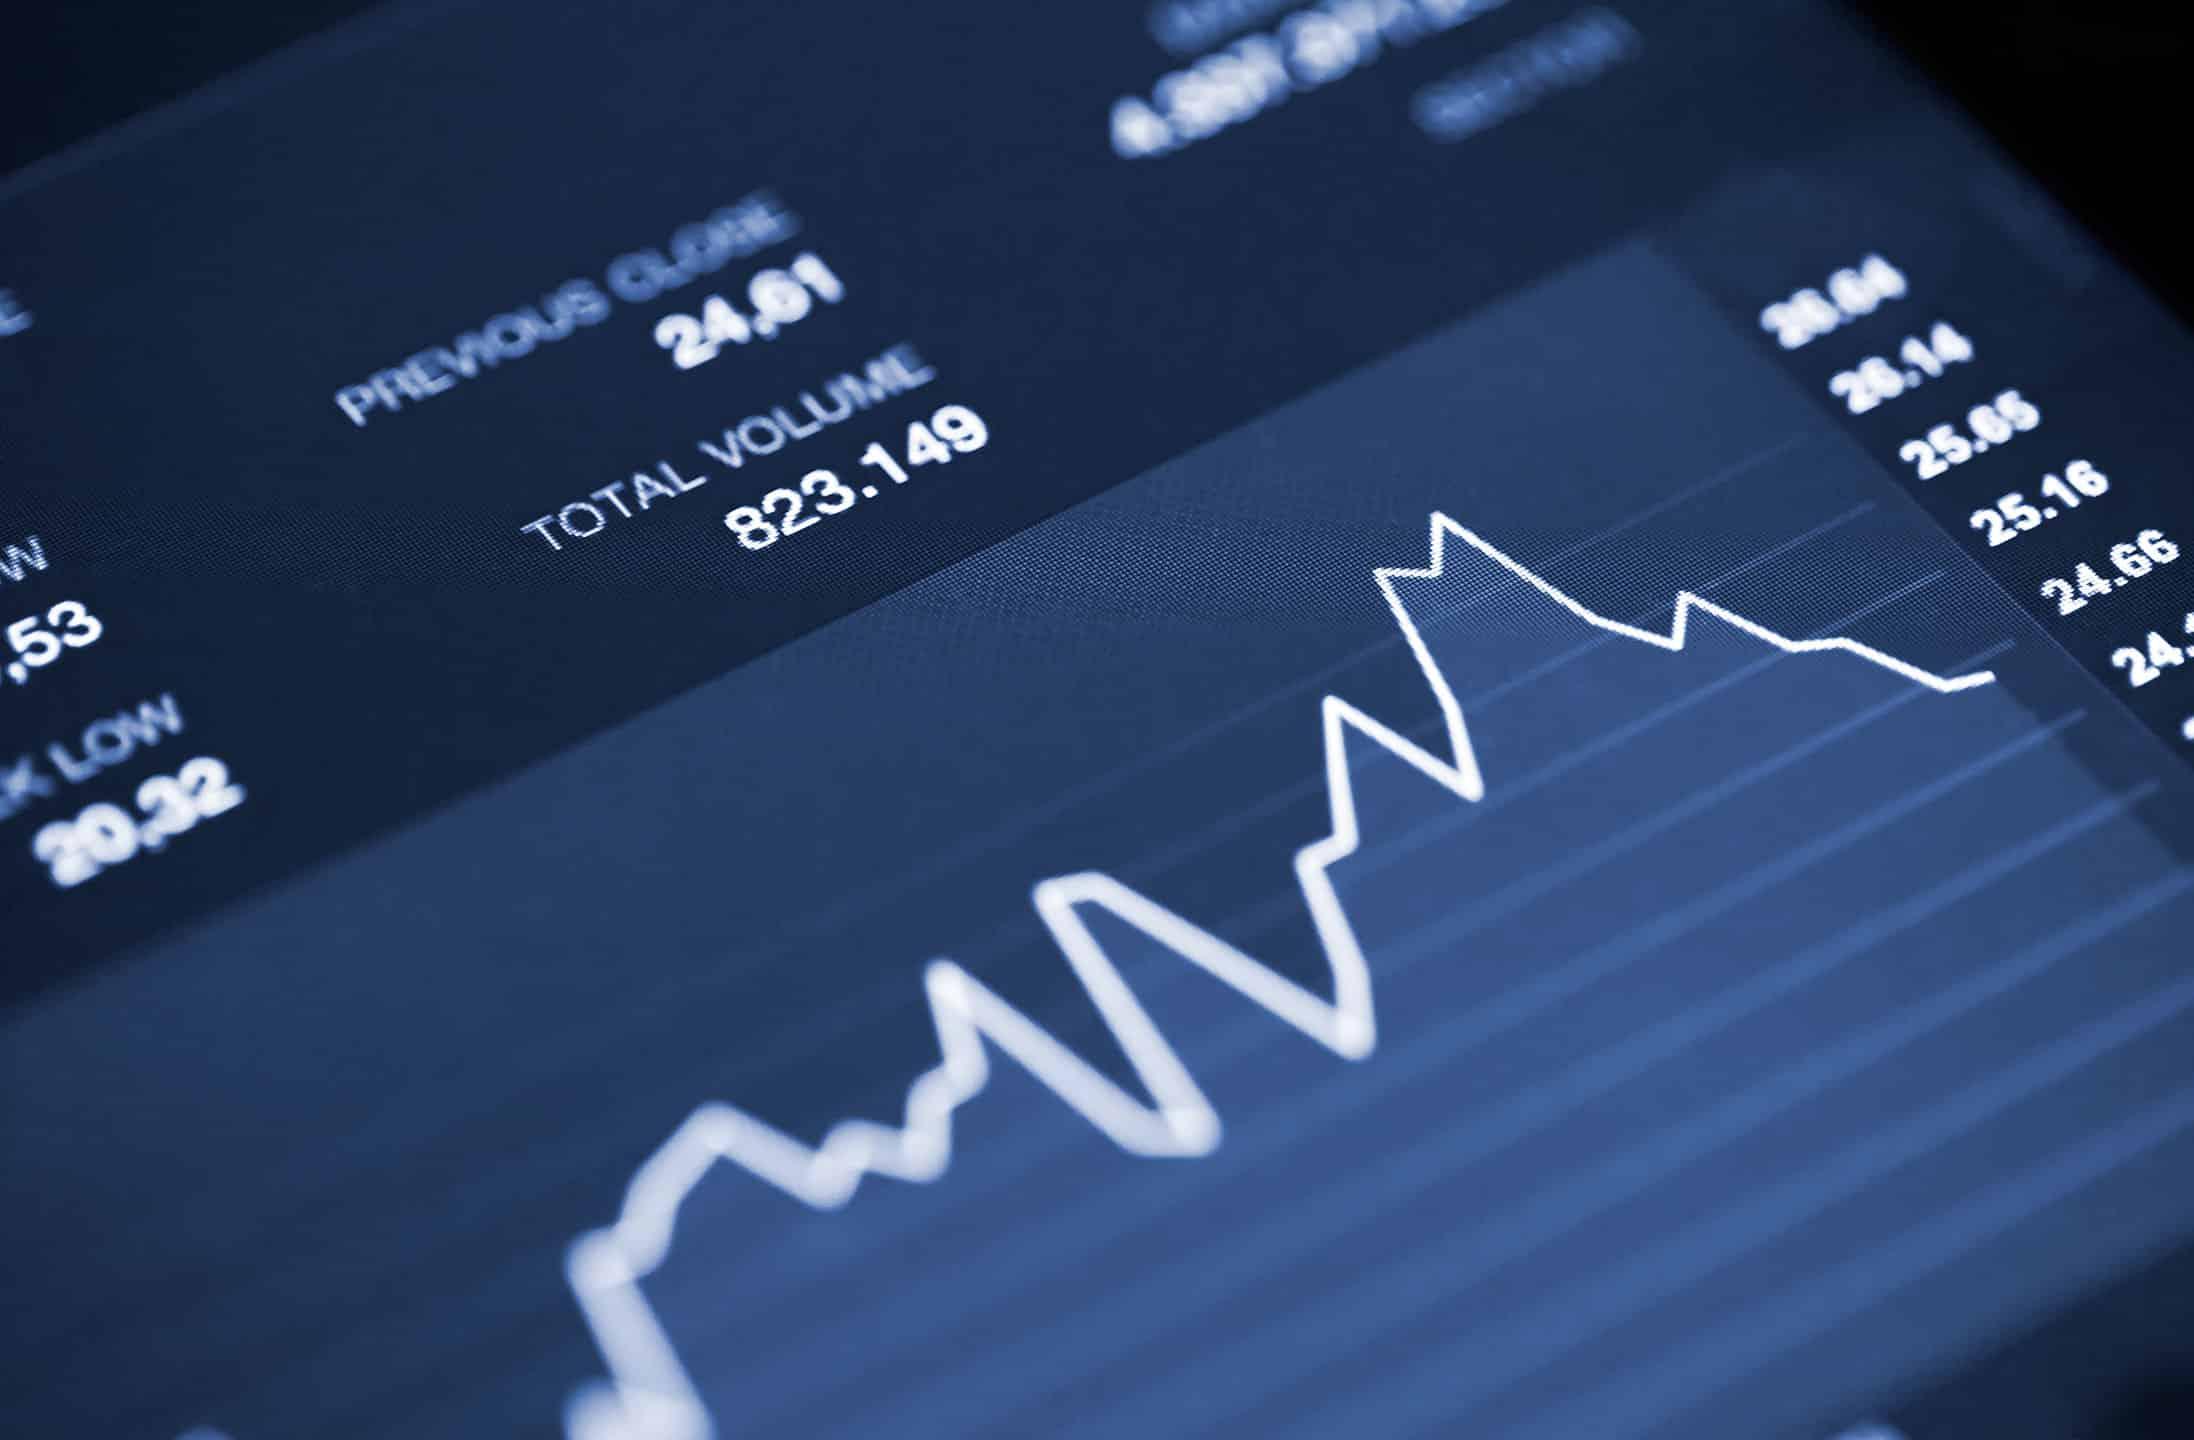 Melakukan-investasi-di-aplikasi-penghasil-uang